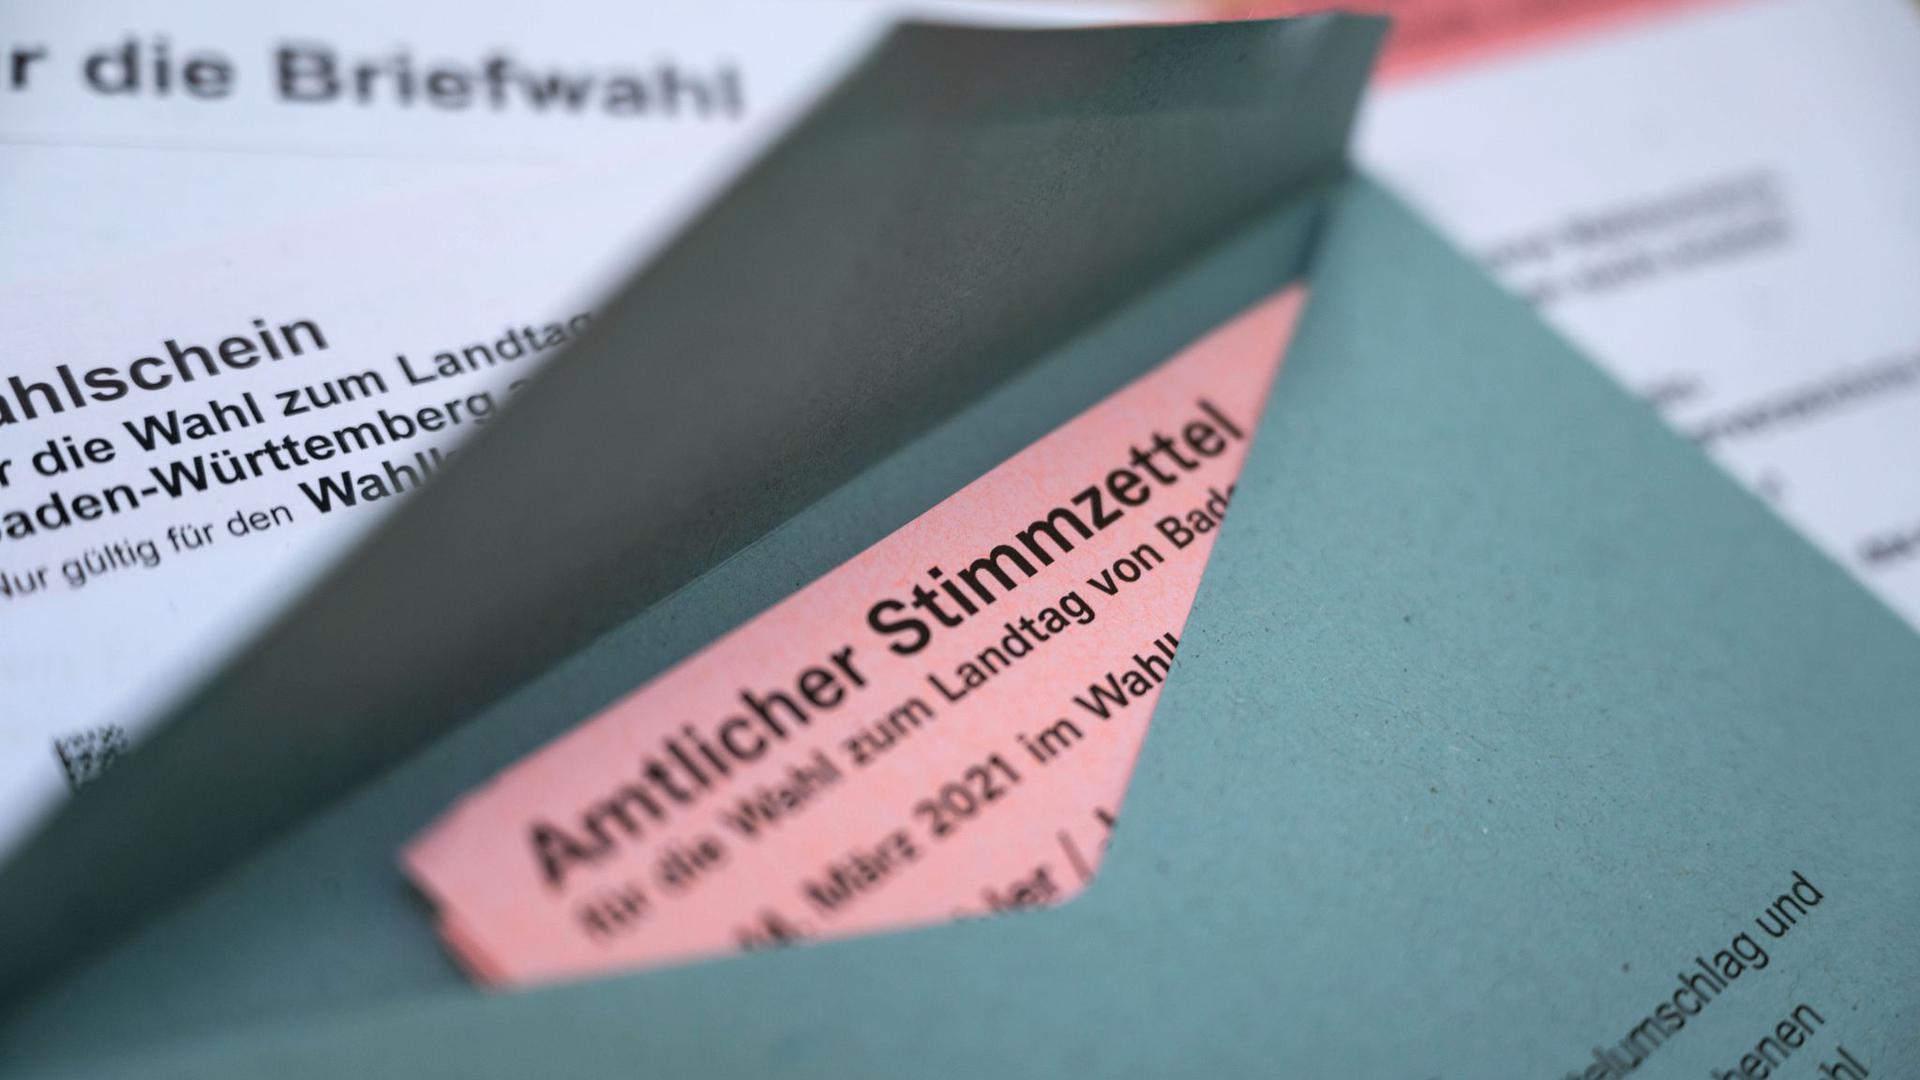 Ein Stimmzettel zur Landtagswahl in Baden-Württemberg liegt in einem Wahlumschlag.